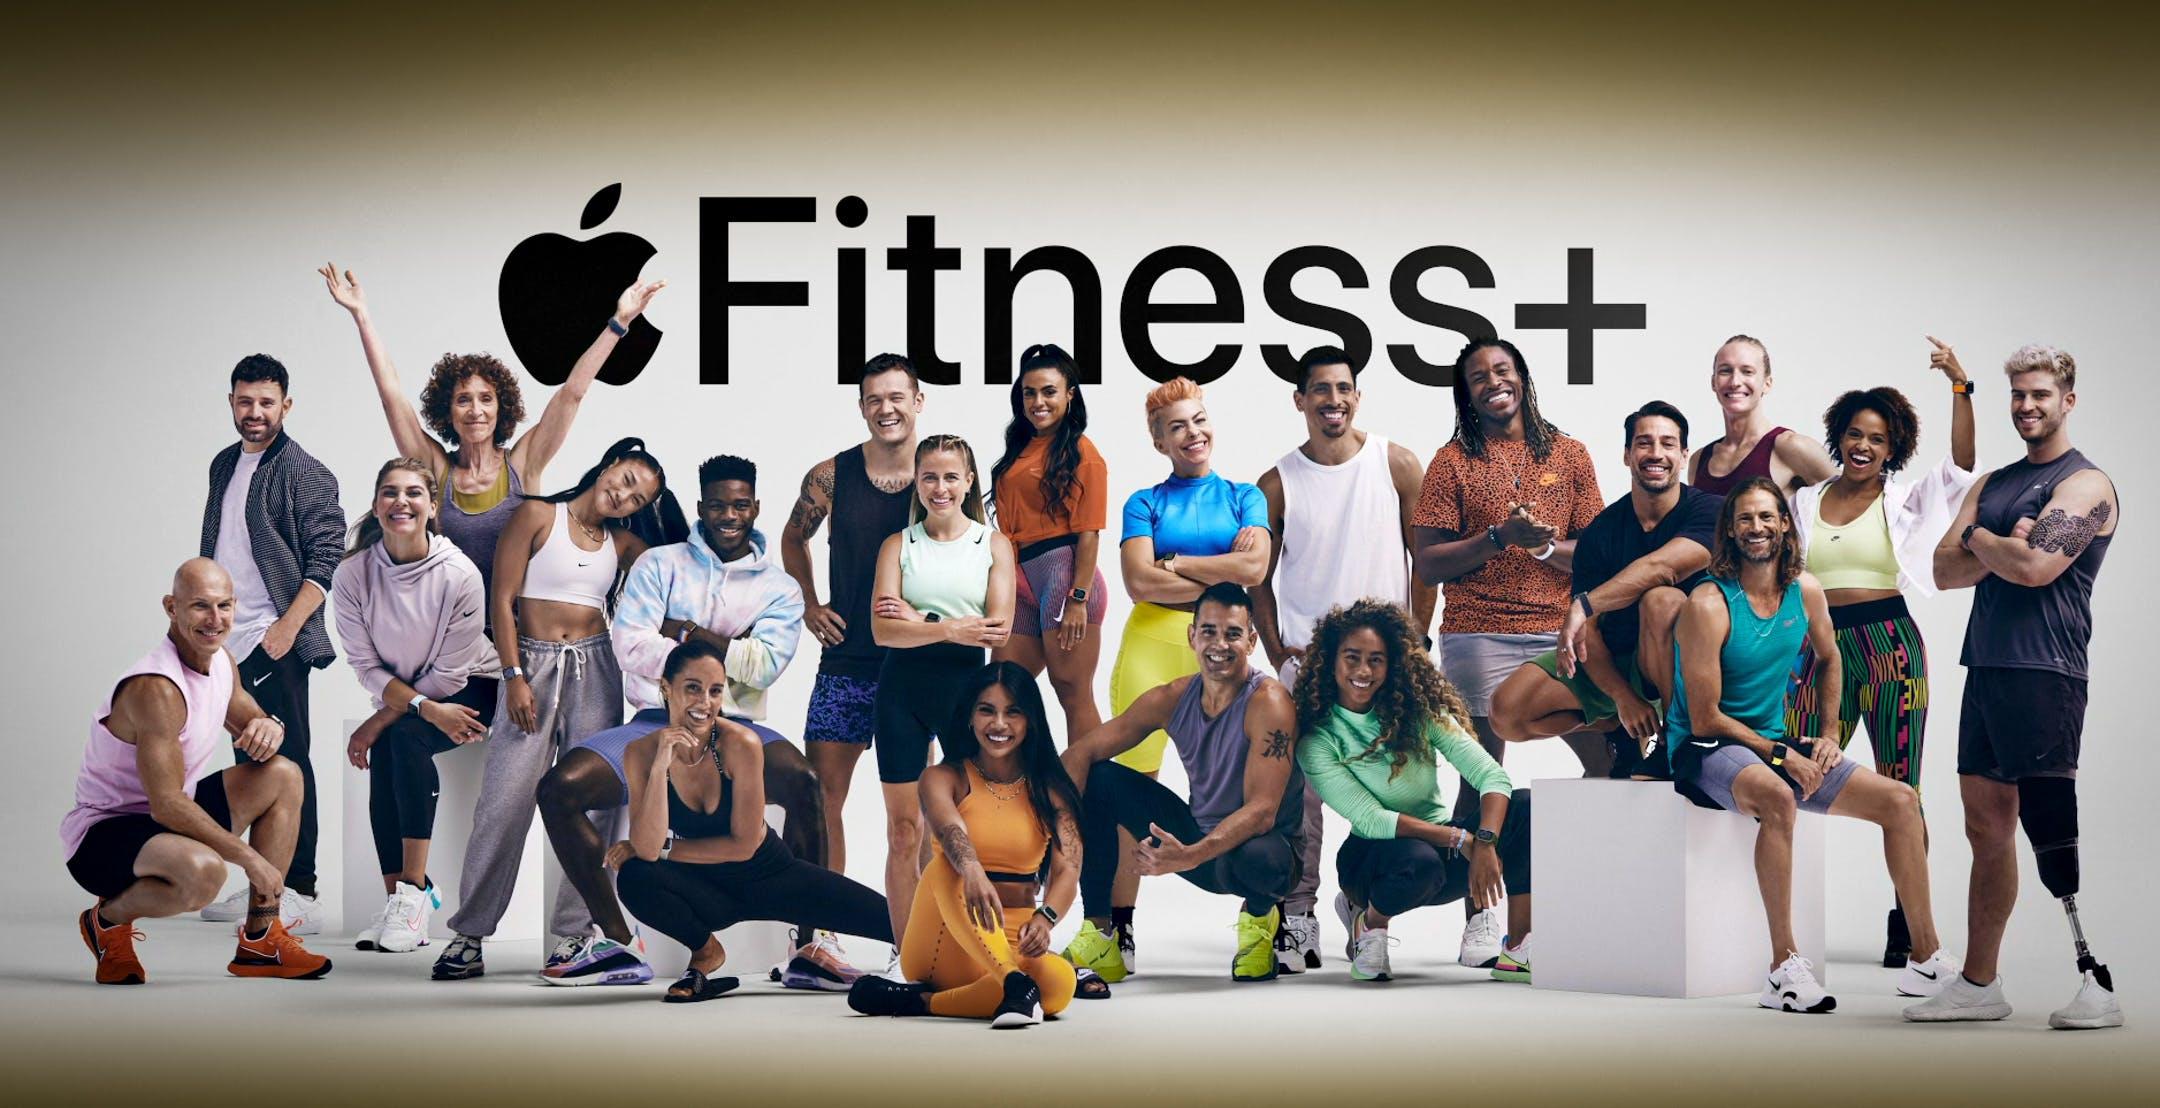 Fitness+ è la palestra online a 9.9$ al mese. Arriva anche Apple One, un abbonamento unico per TV, Arcade, Music e Cloud